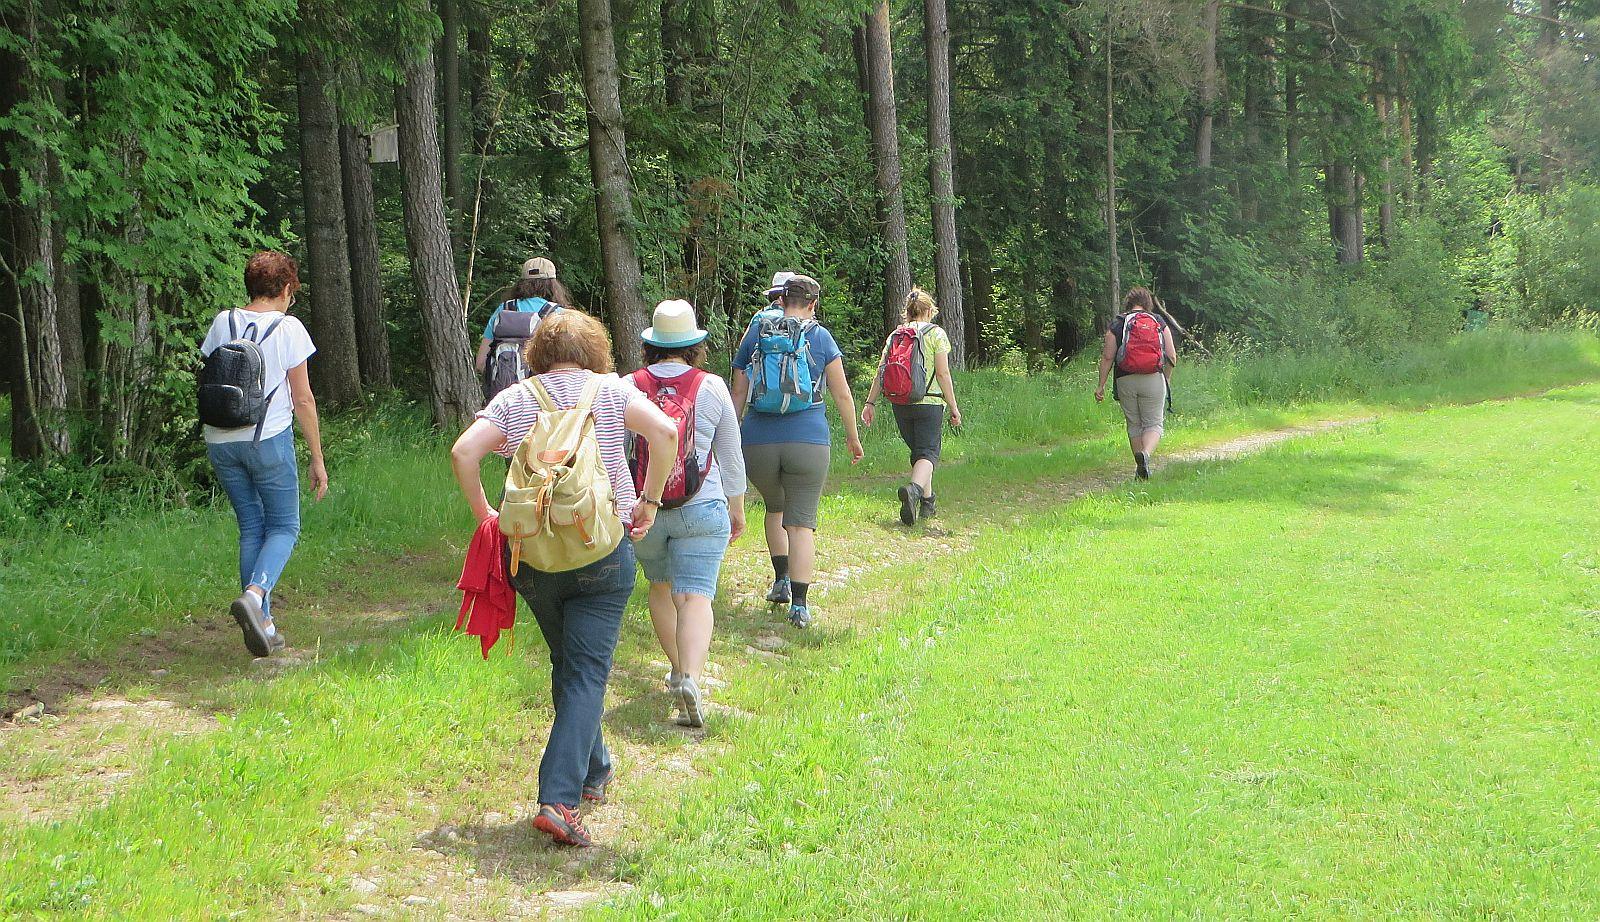 Immer mit Coronaabstand - die Wandergruppe auf dem Weg bei Heiligenbronn. Foto: Ginter